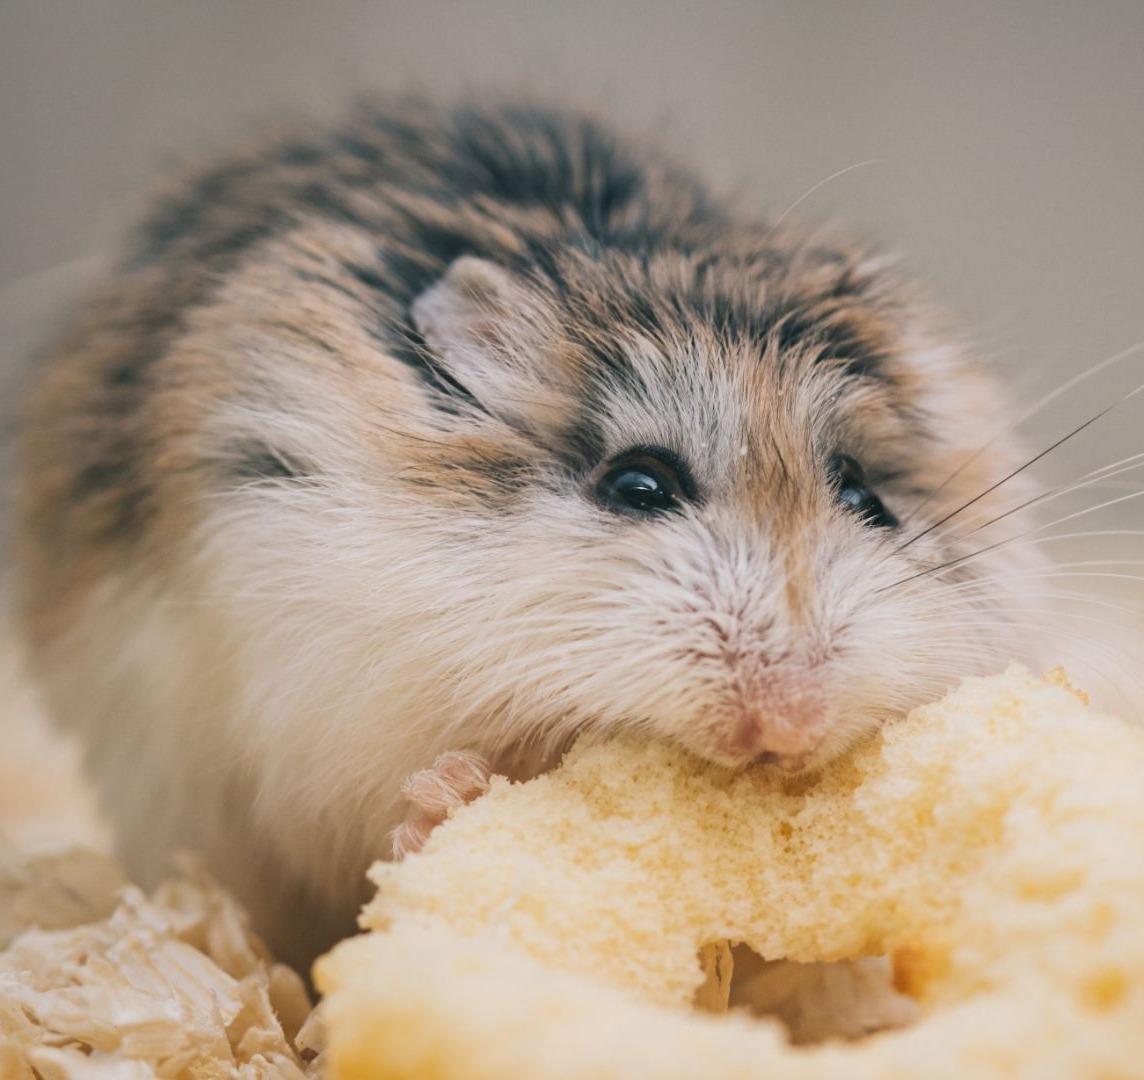 Urgencias veterinarias para hamsters en Bogotá